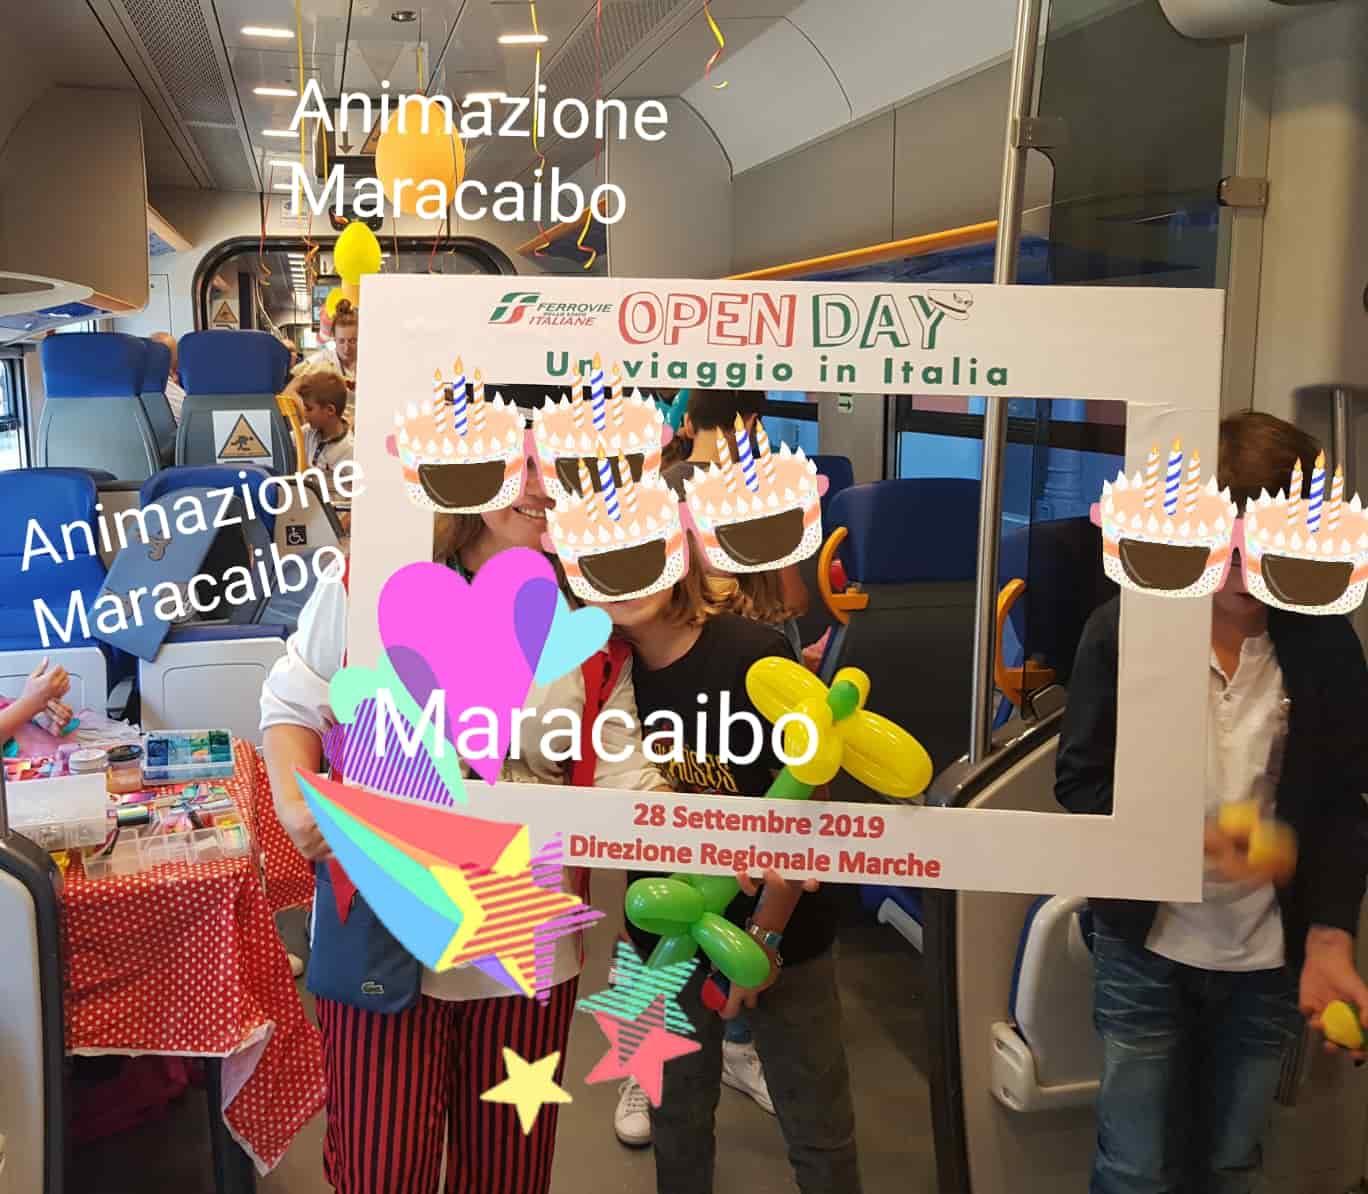 Animazione Eventi Aziendali Agenzia Eventi feste aziendali bambini organizzazione Ancona Macerata Ascoli Pesaro